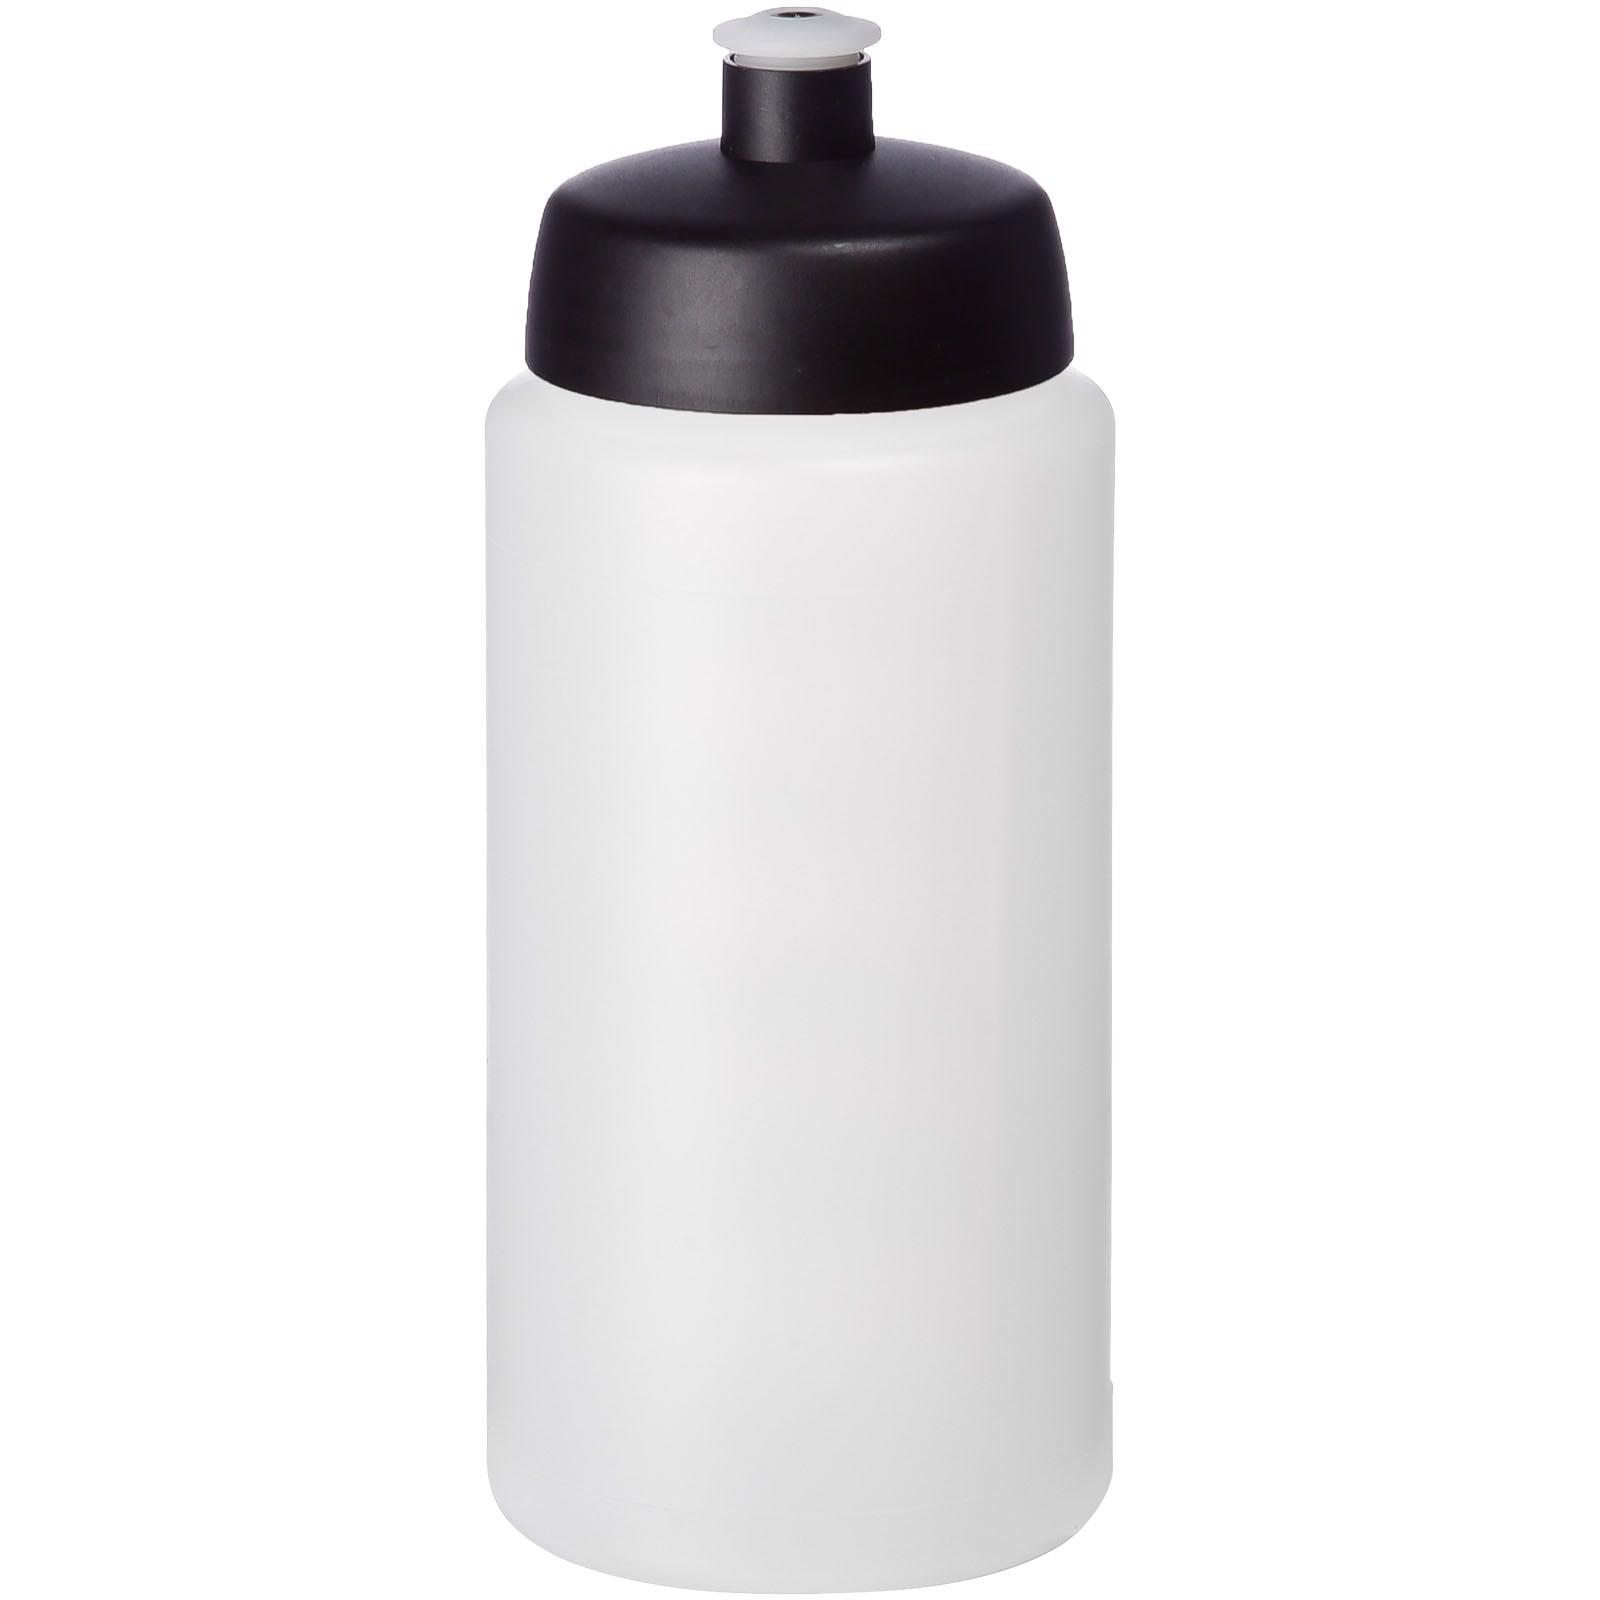 Baseline® Plus grip 500 ml sportovní lahev s víčkem na sport - Průhledná / Černá